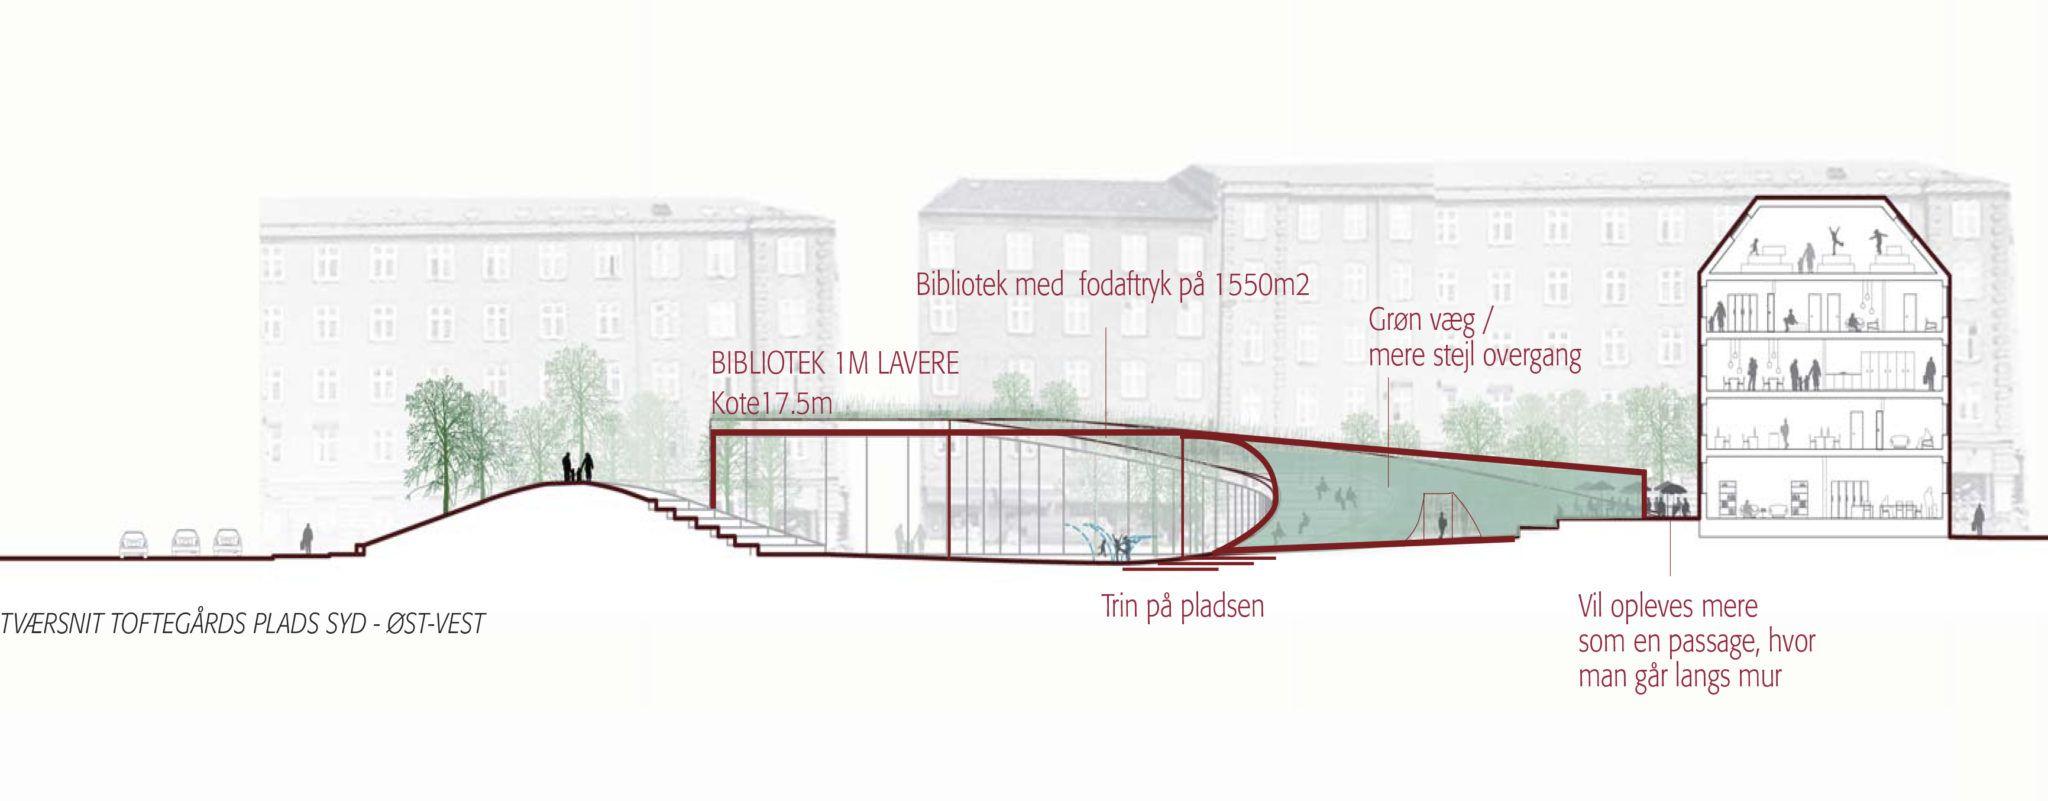 Tværsnit variant A Valby Bibliotek Toftegårds Plads